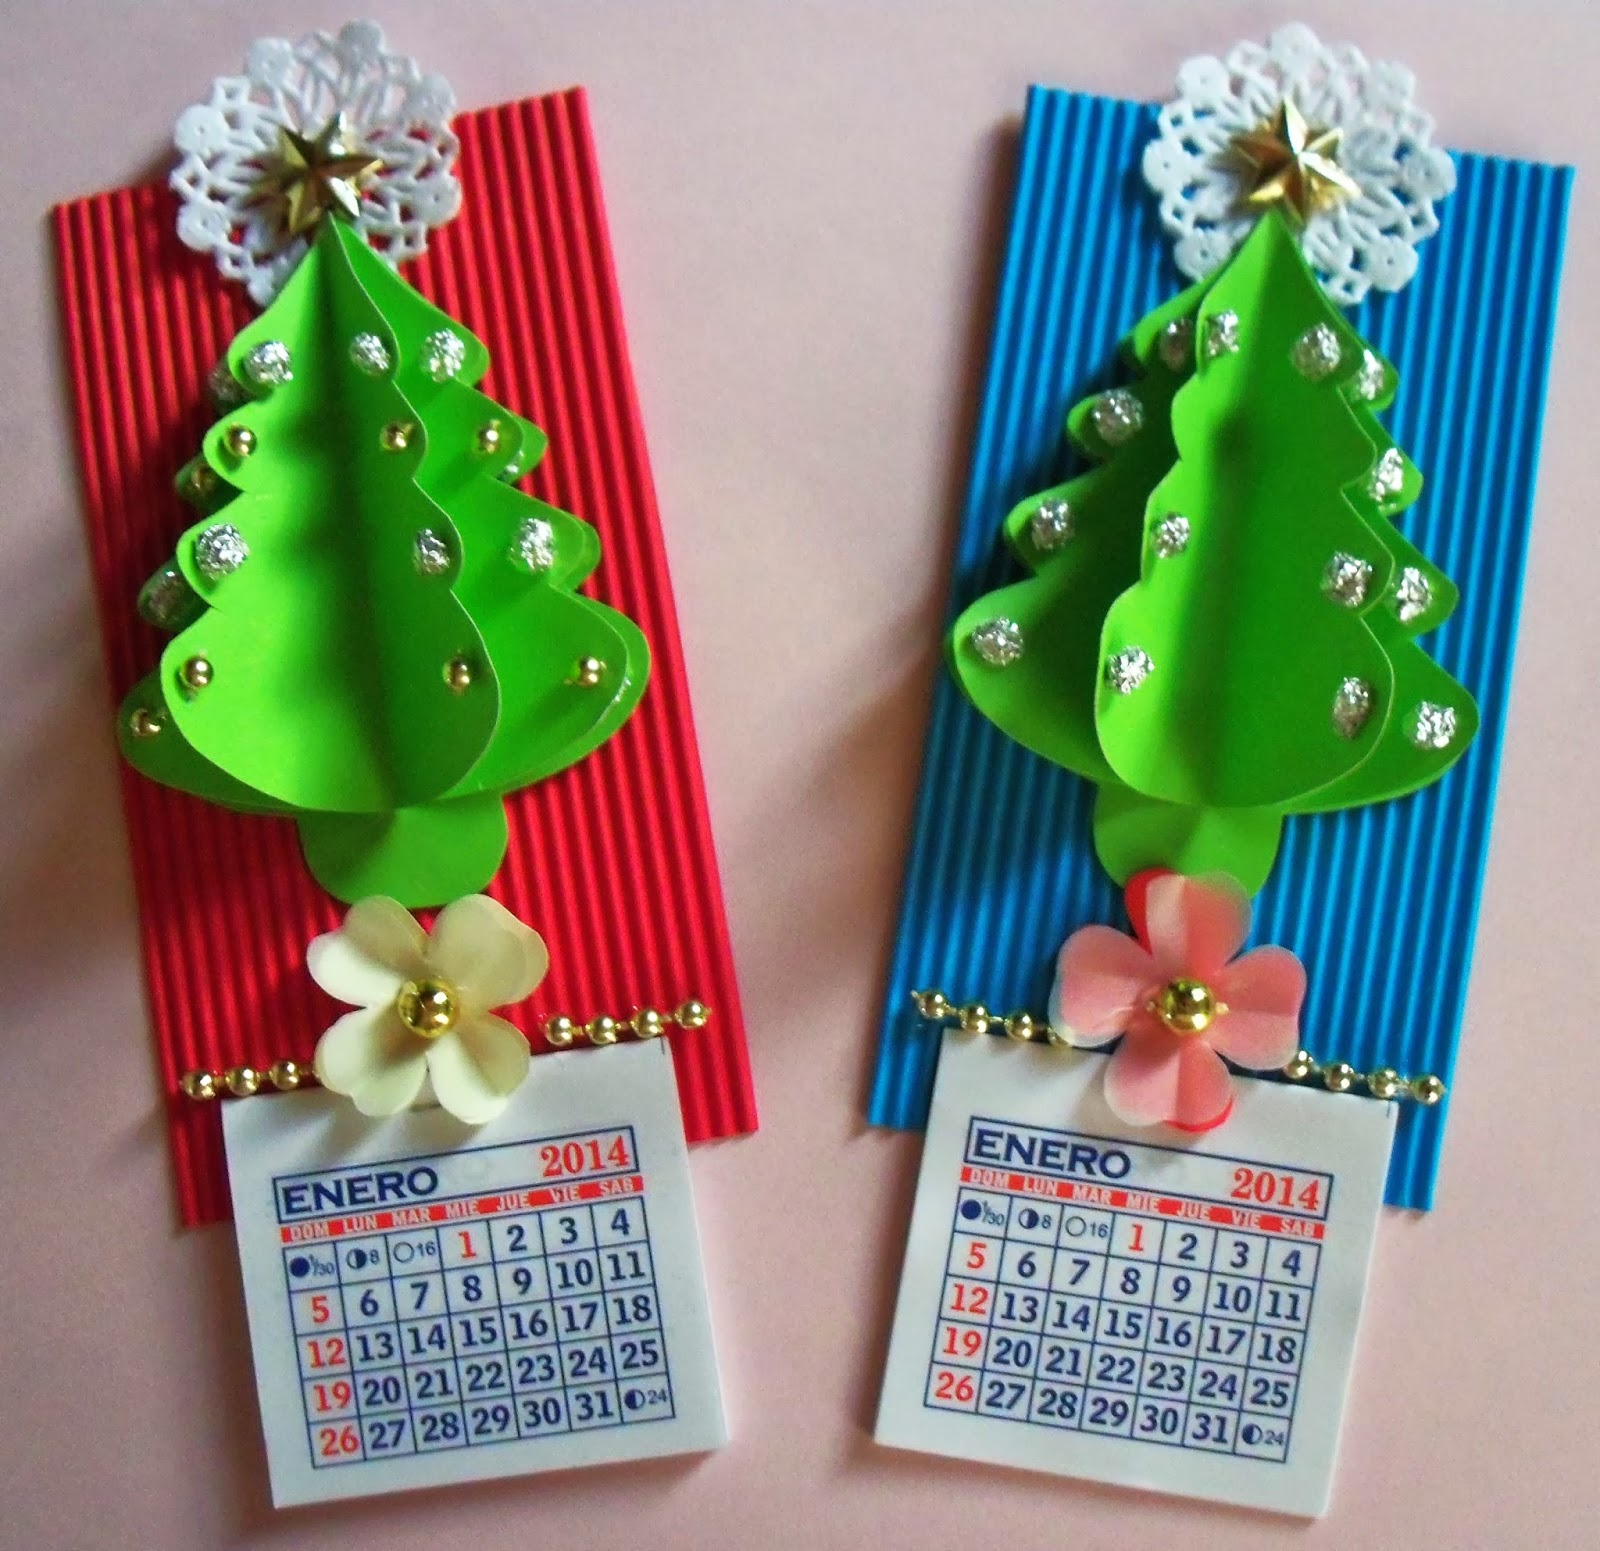 La catequesis el blog de sandra manualidades de navidad - Postales de navidad para hacer con ninos ...